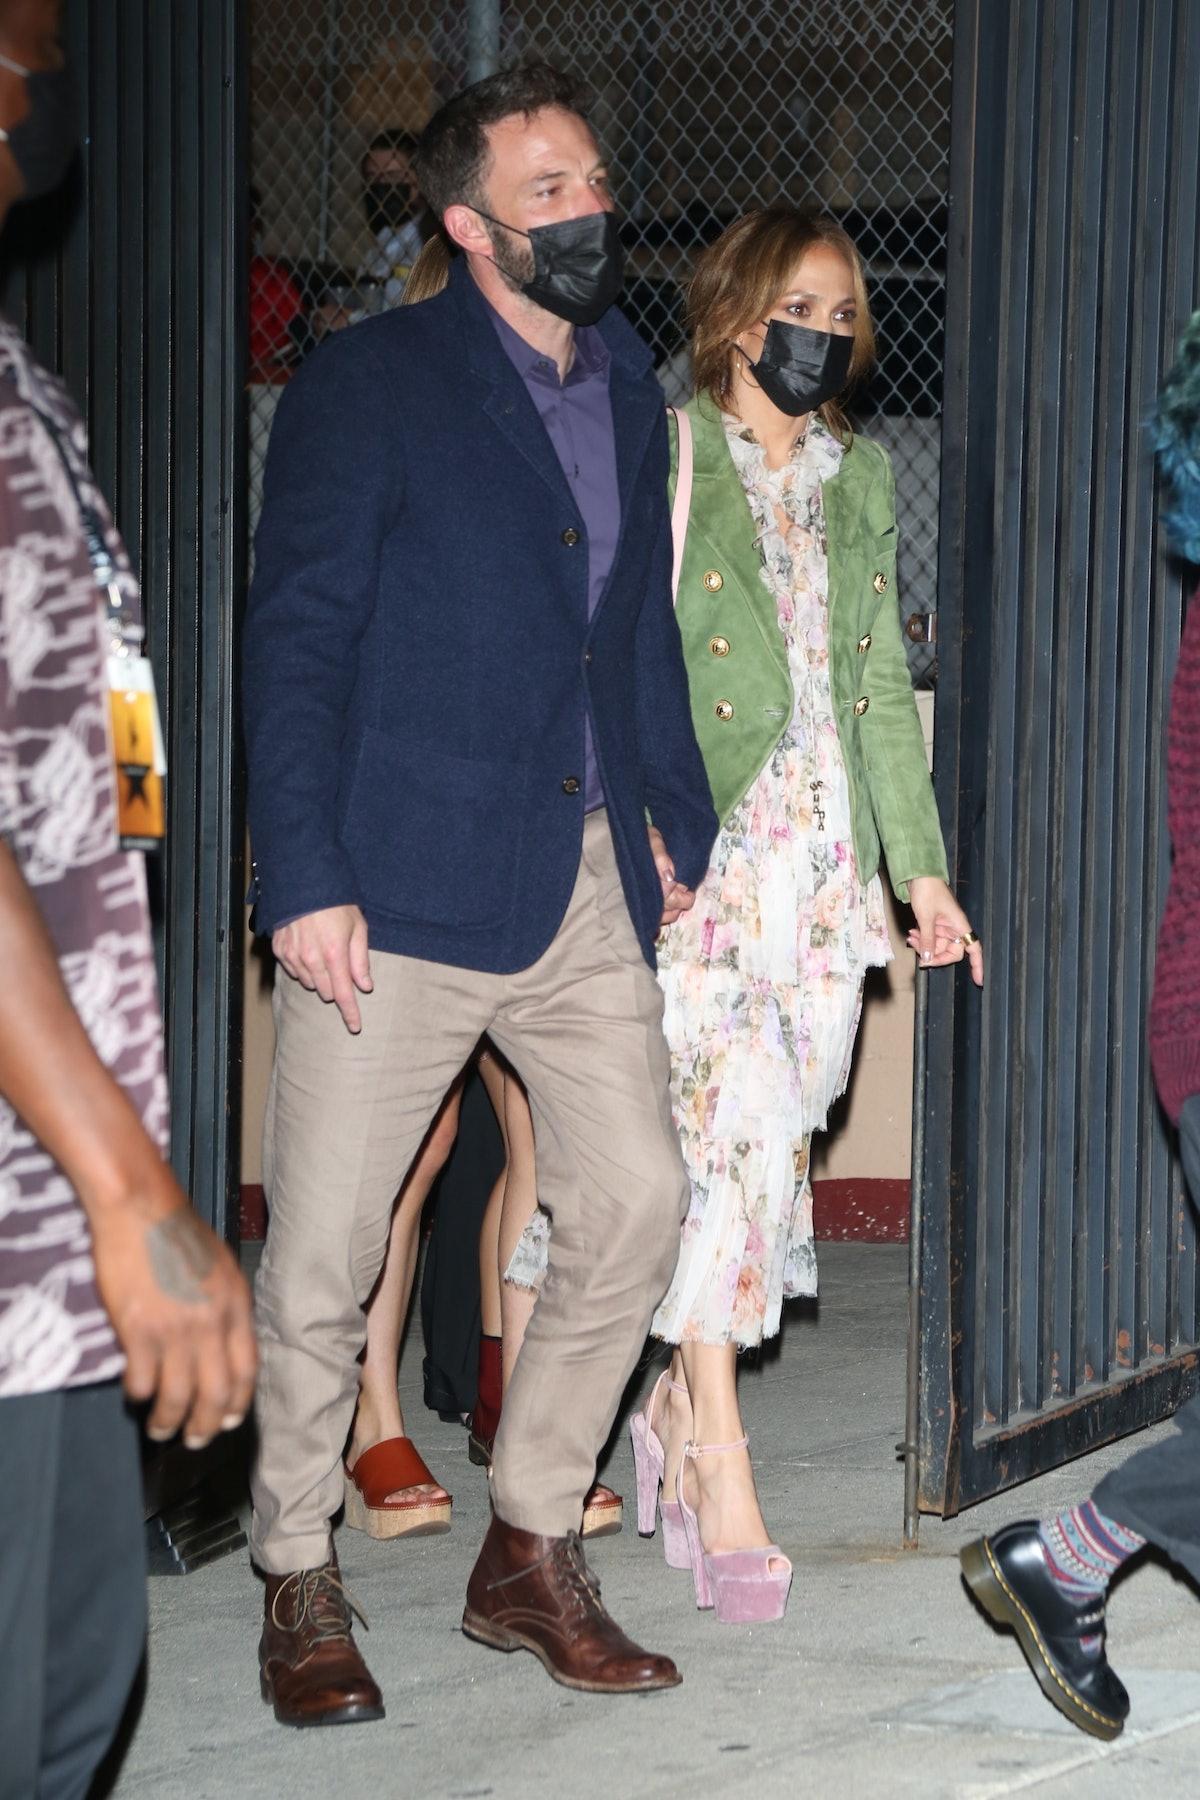 Ben Affleck and Jennifer Lopez take their kids to see Hamilton.